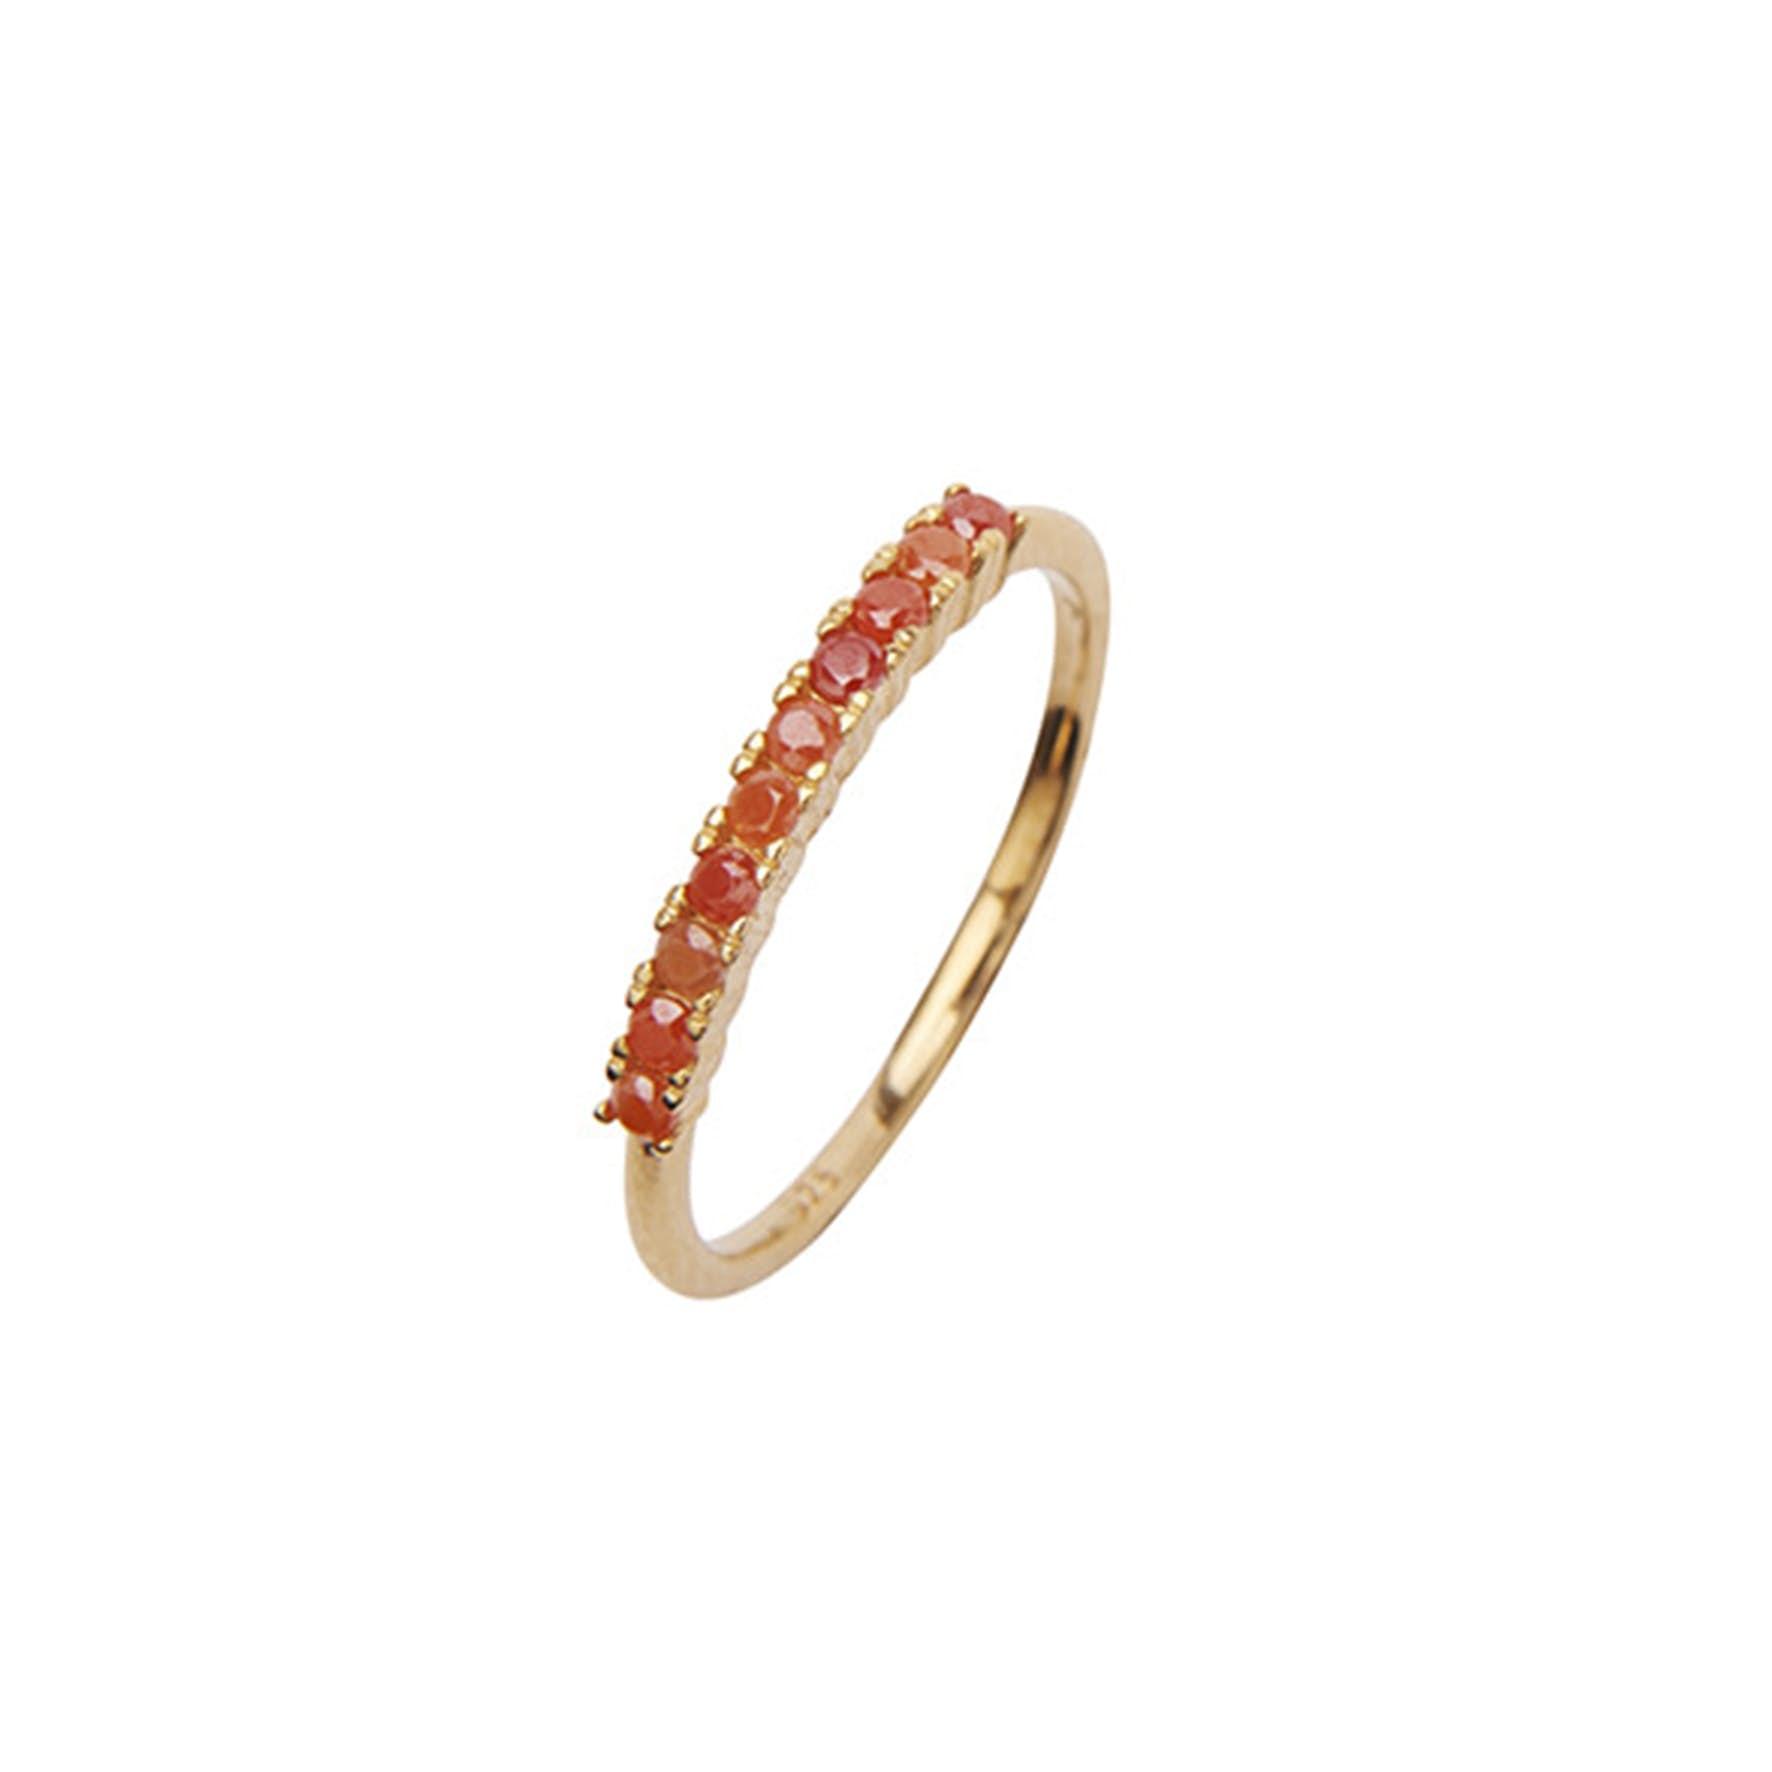 Fineley Crystal Ring fra Pico i Forgyldt-Sølv Sterling 925|Coral